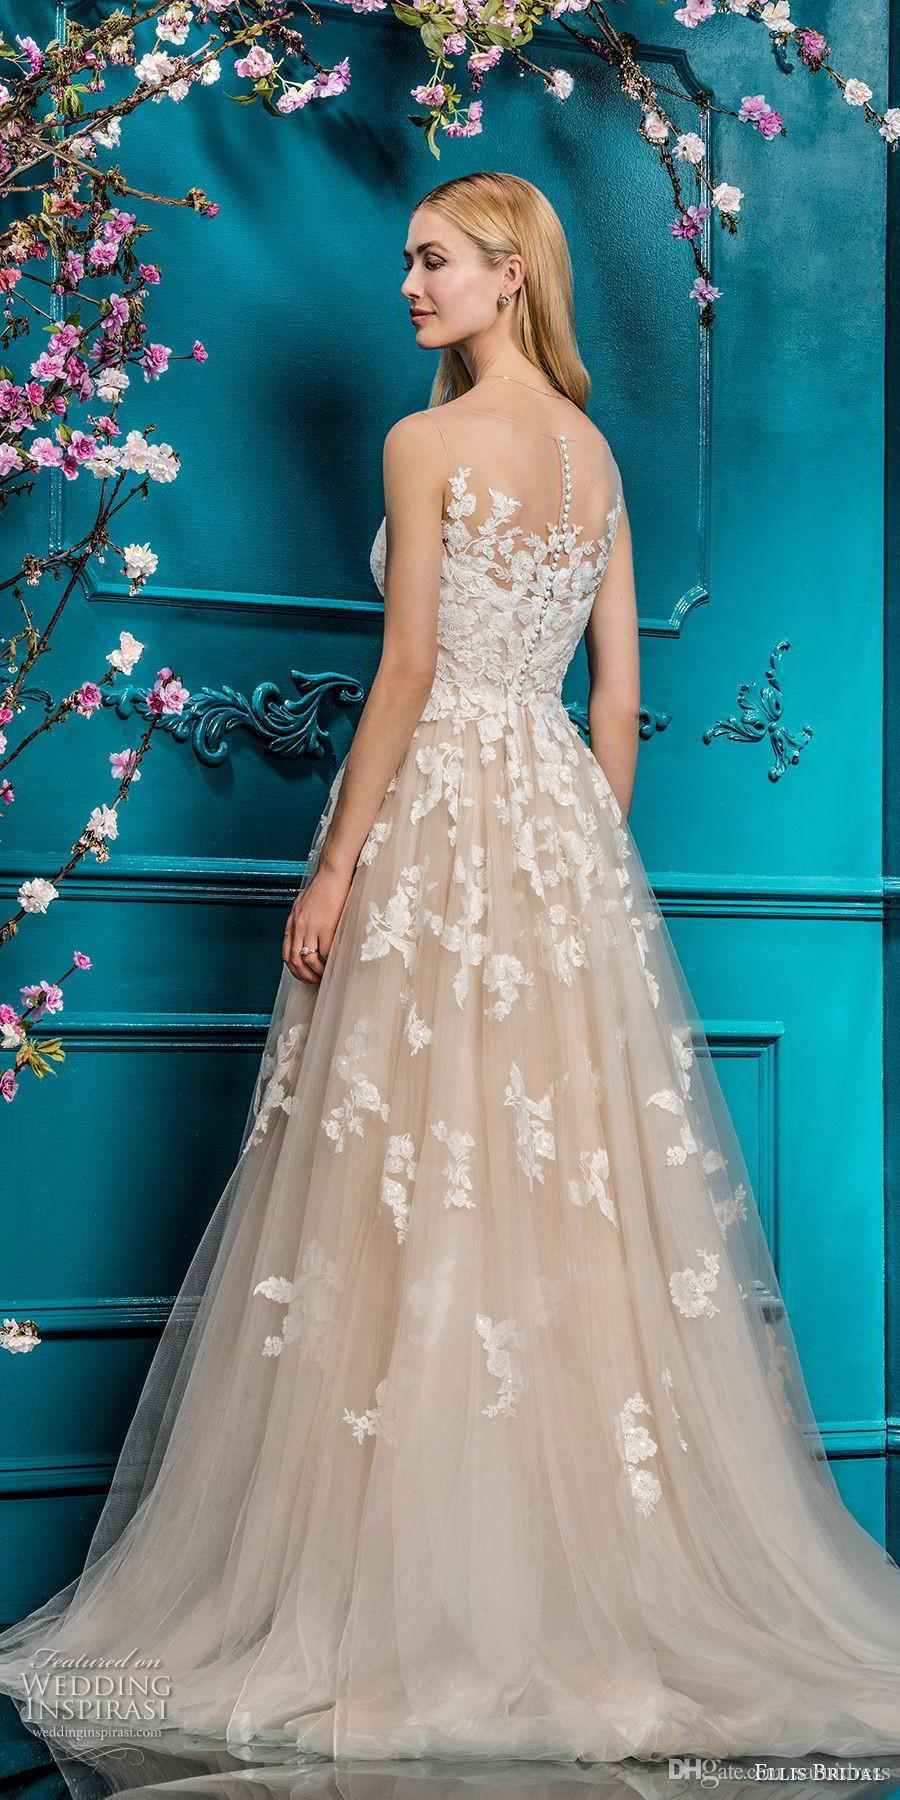 Personalizado feito uma linha sheer sem mangas nua / champanhe lace vestido de casamento applique com cristais vestido nupcial vestido de noiva curto